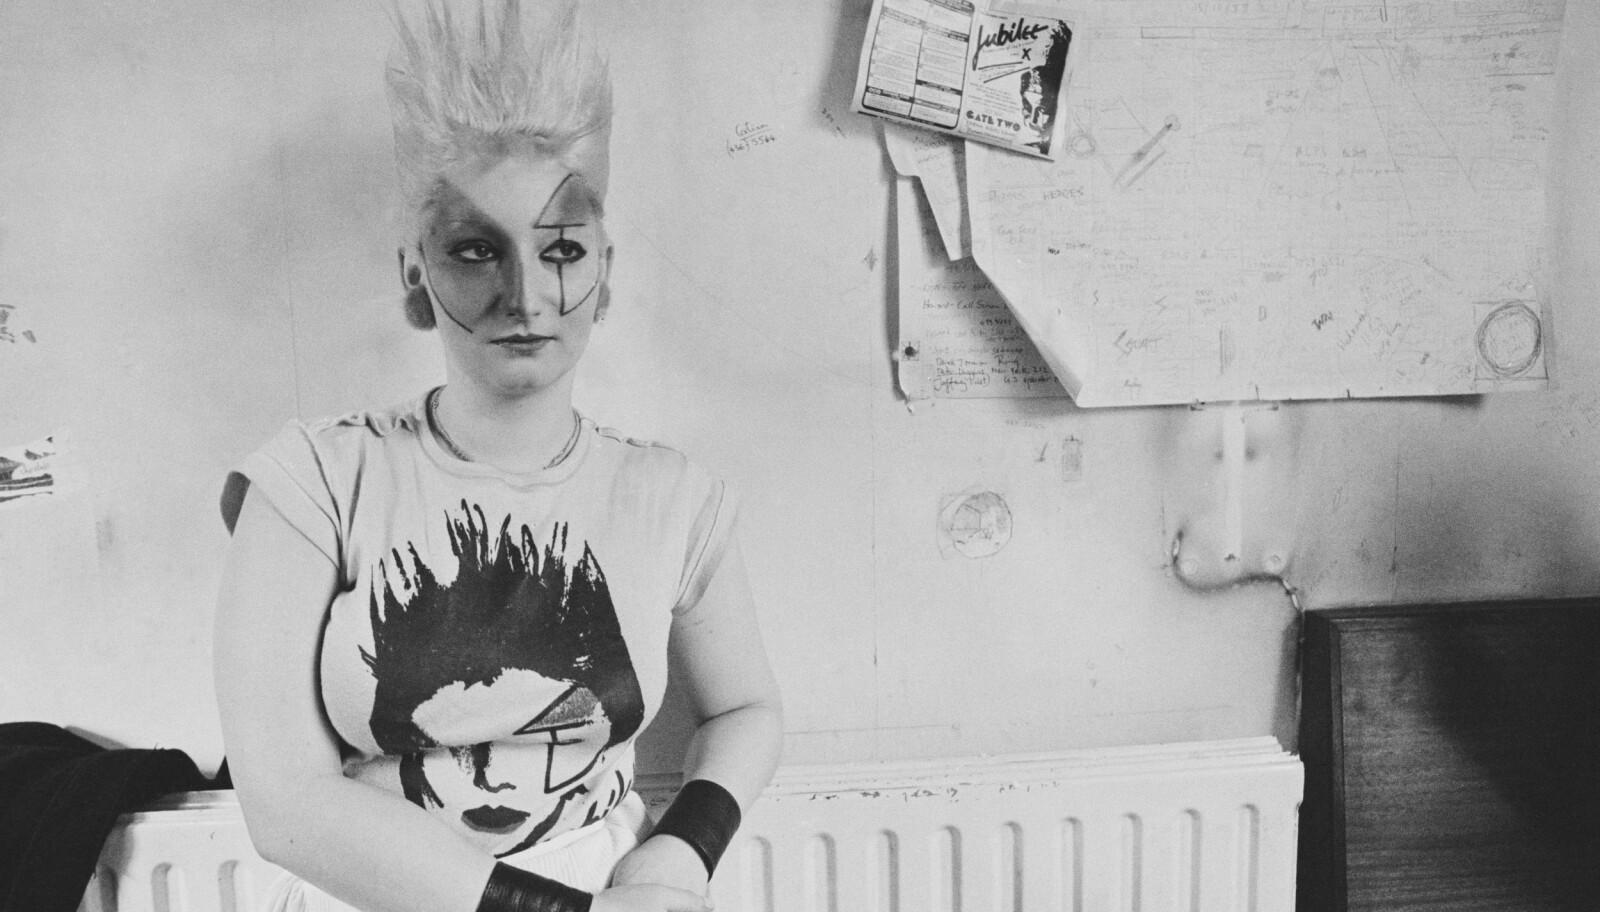 Lesbeklubben Louise's i Soho i London ble sentrum og stamstedet til Jordan Mooney, Sex Pistols og Siouxsie Sioux.